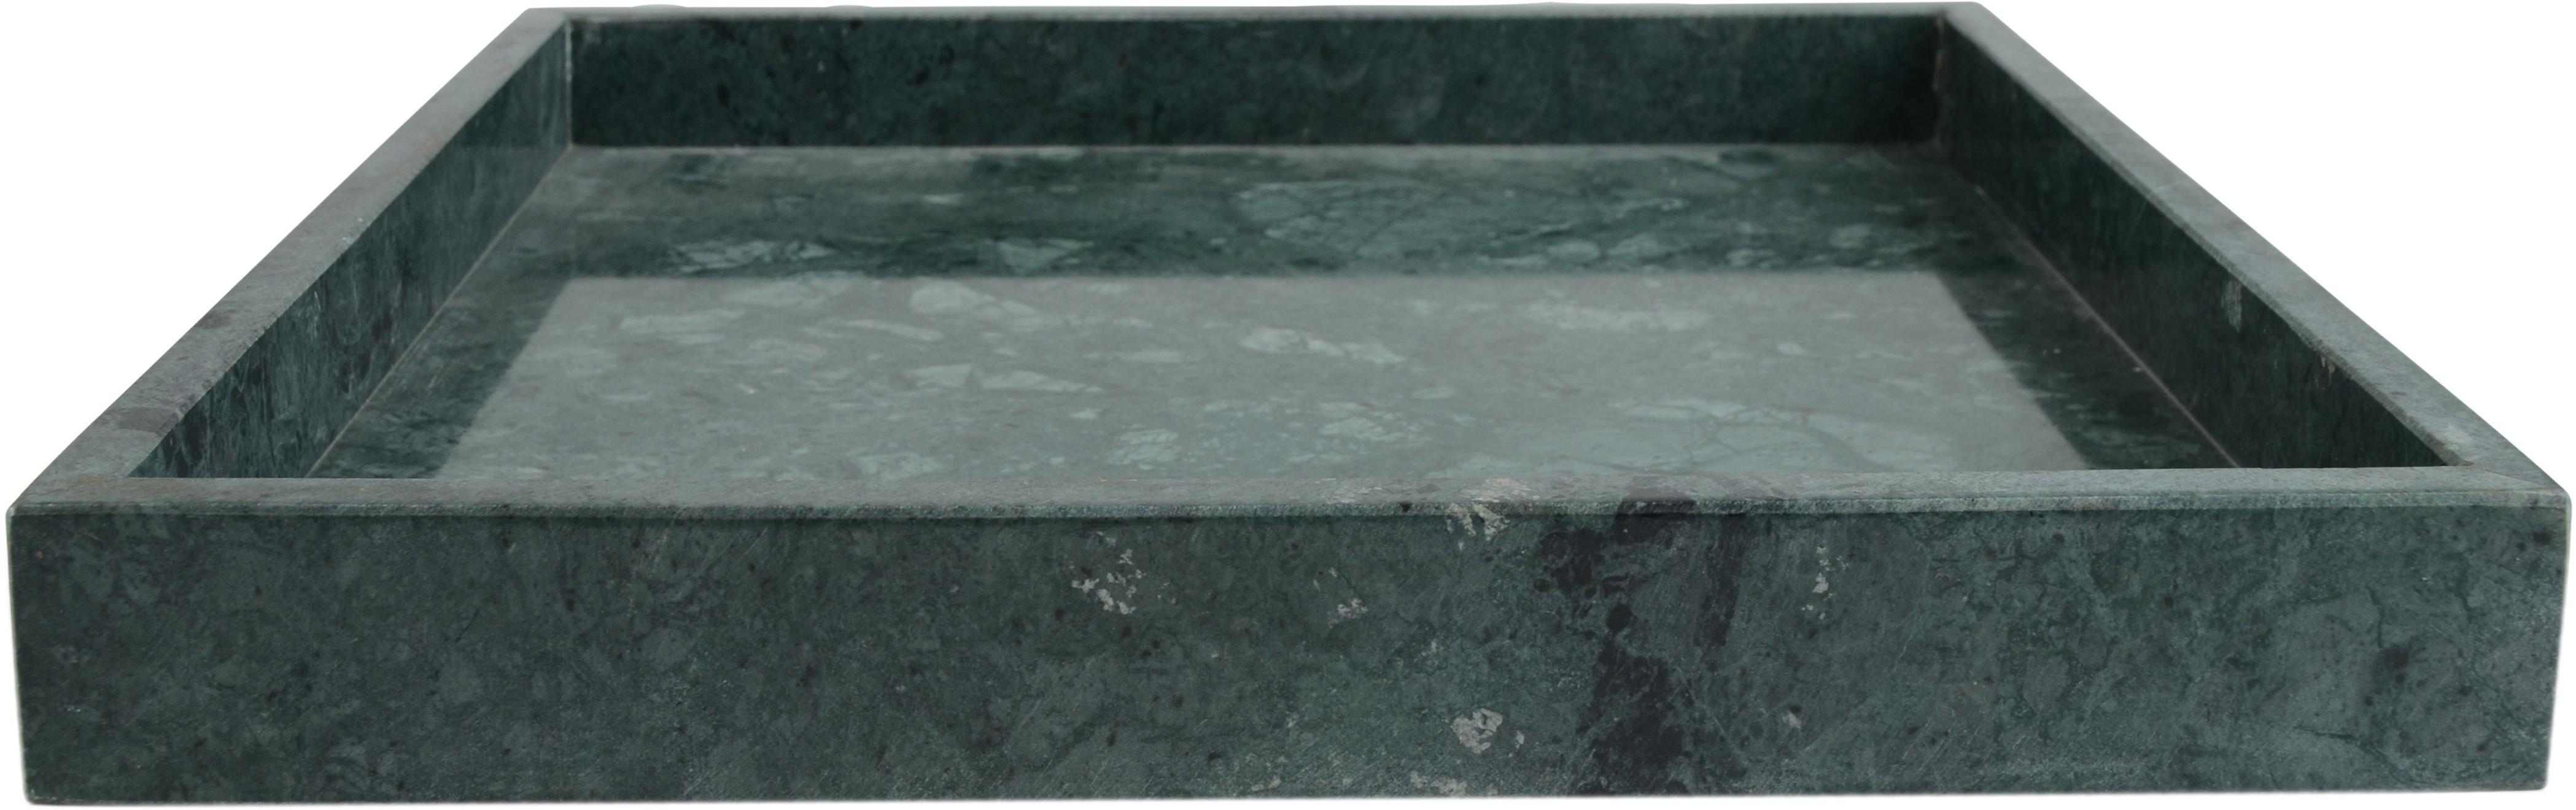 Bandeja decorativa de mármol Ciaran, Mármol, Verde, An 30 x F 30 cm